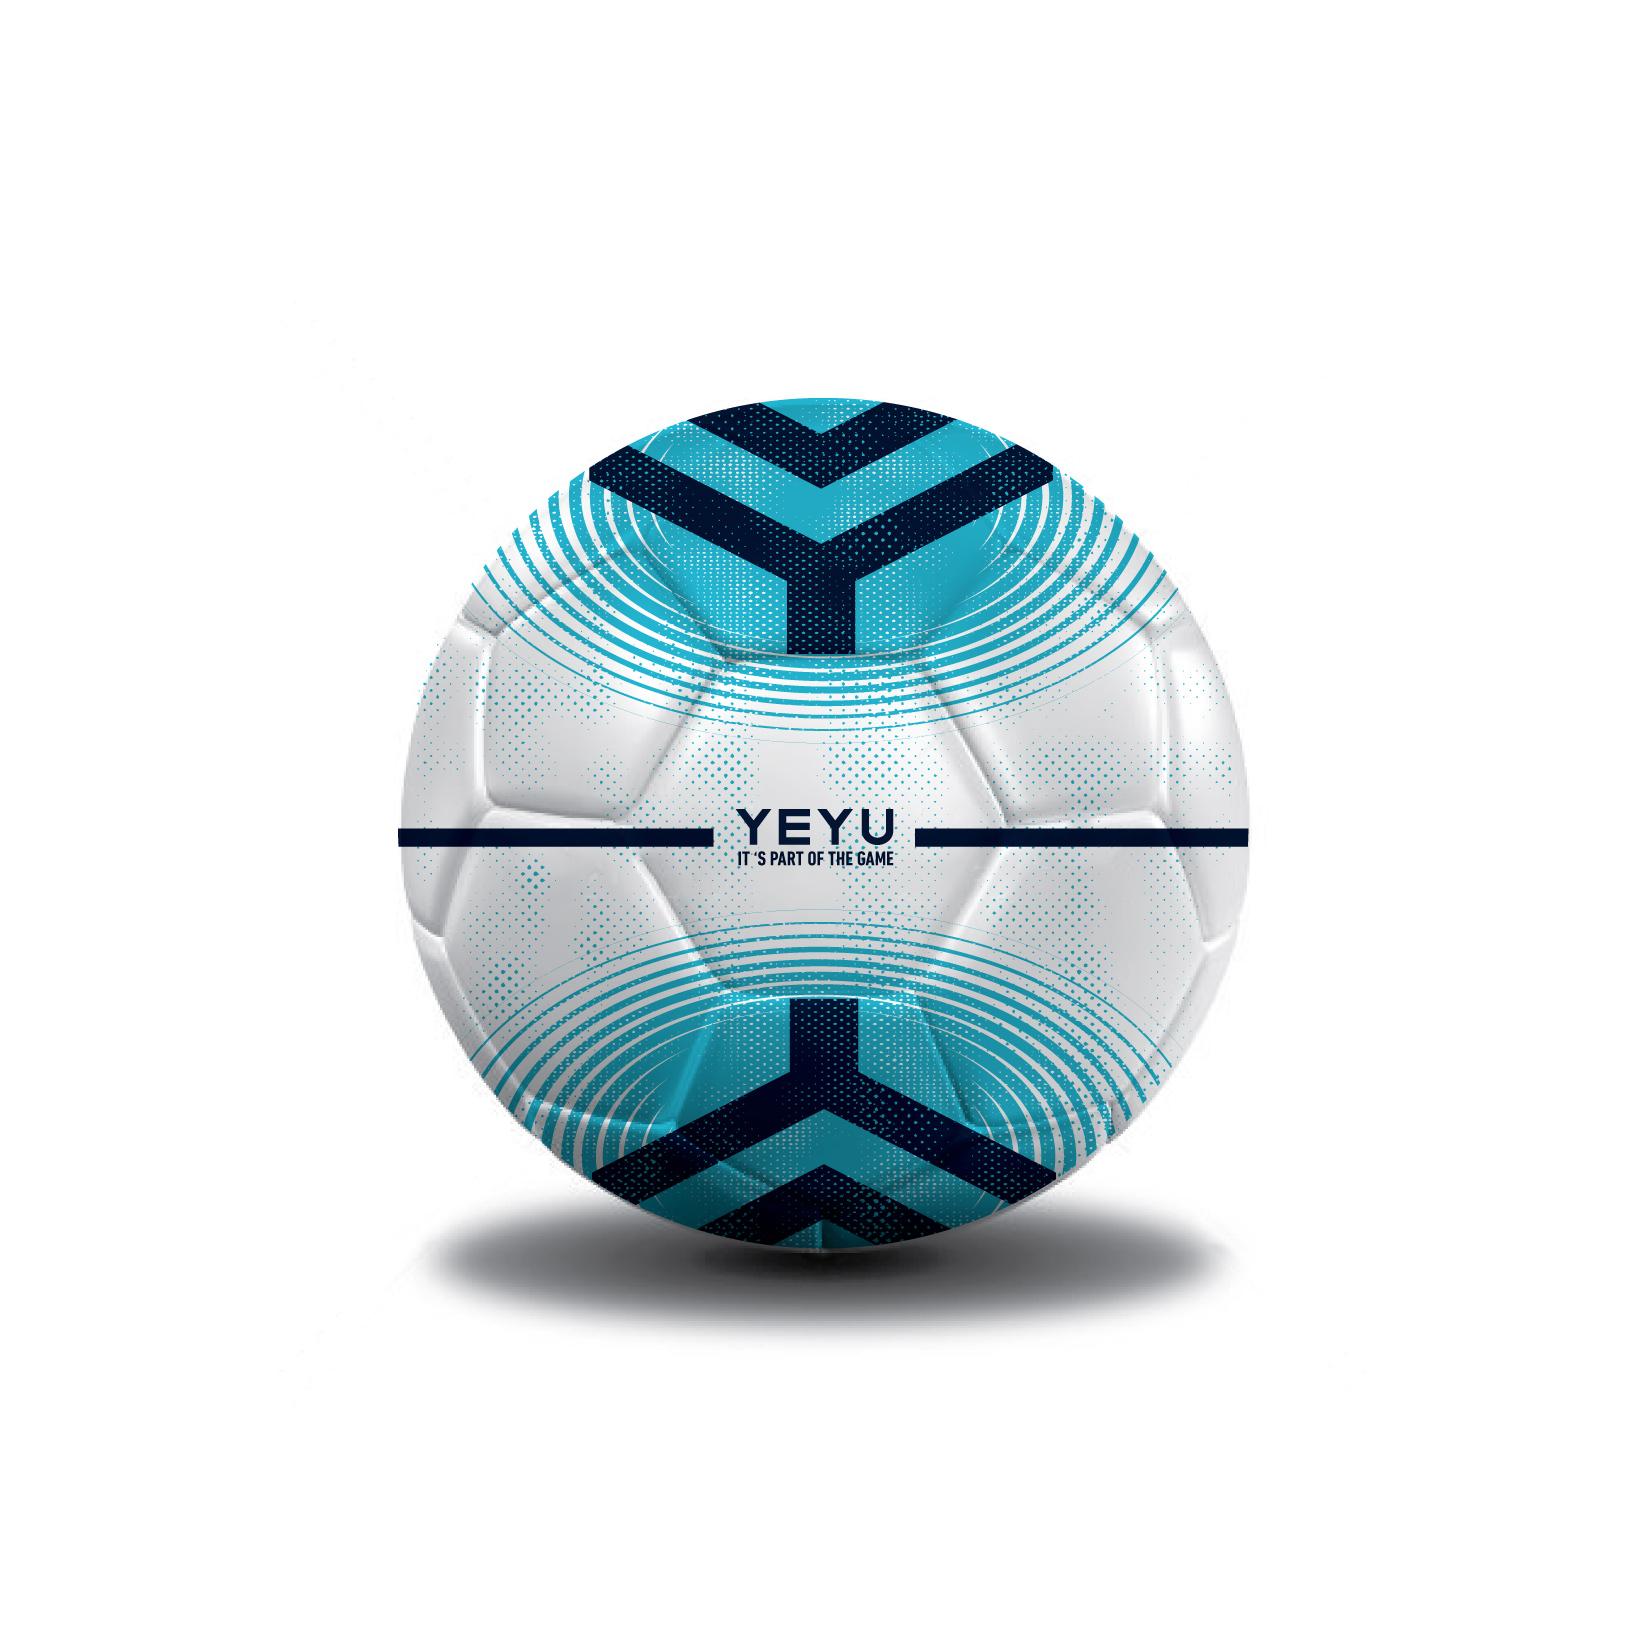 Yeyu-flat2.jpg